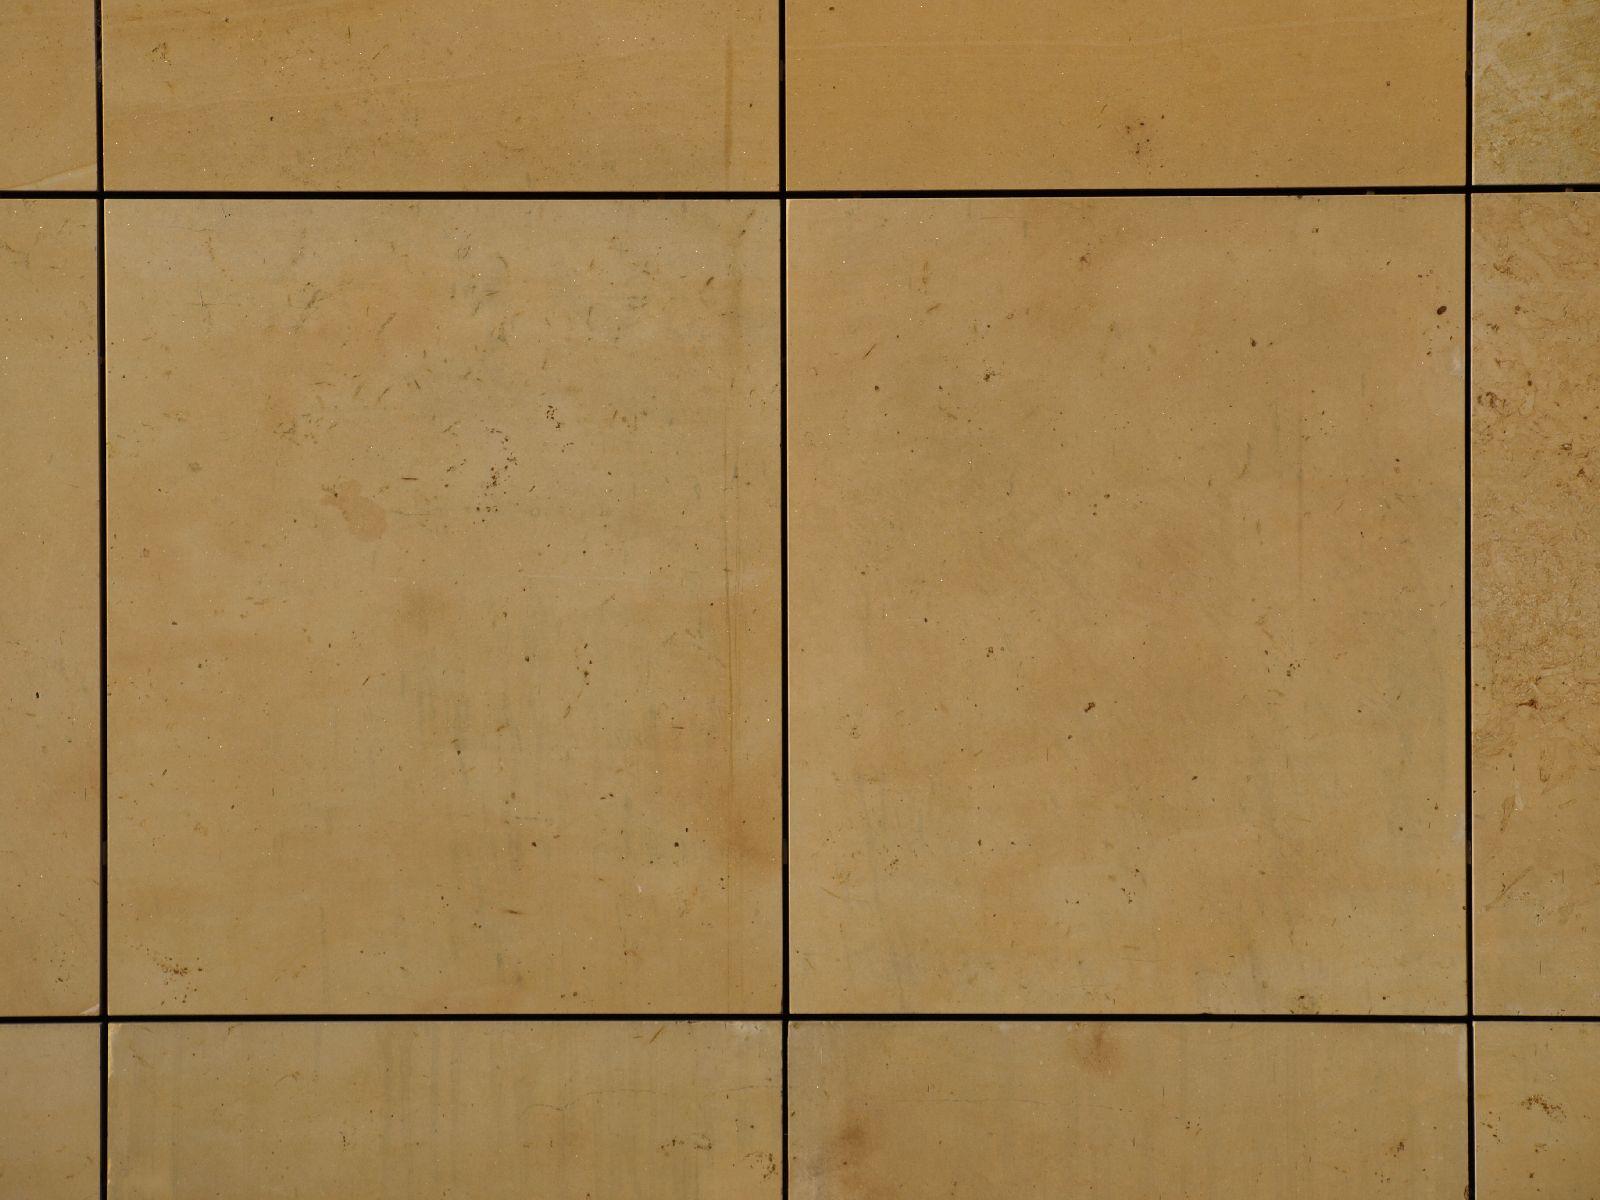 Stone_Texture_A__PA180256